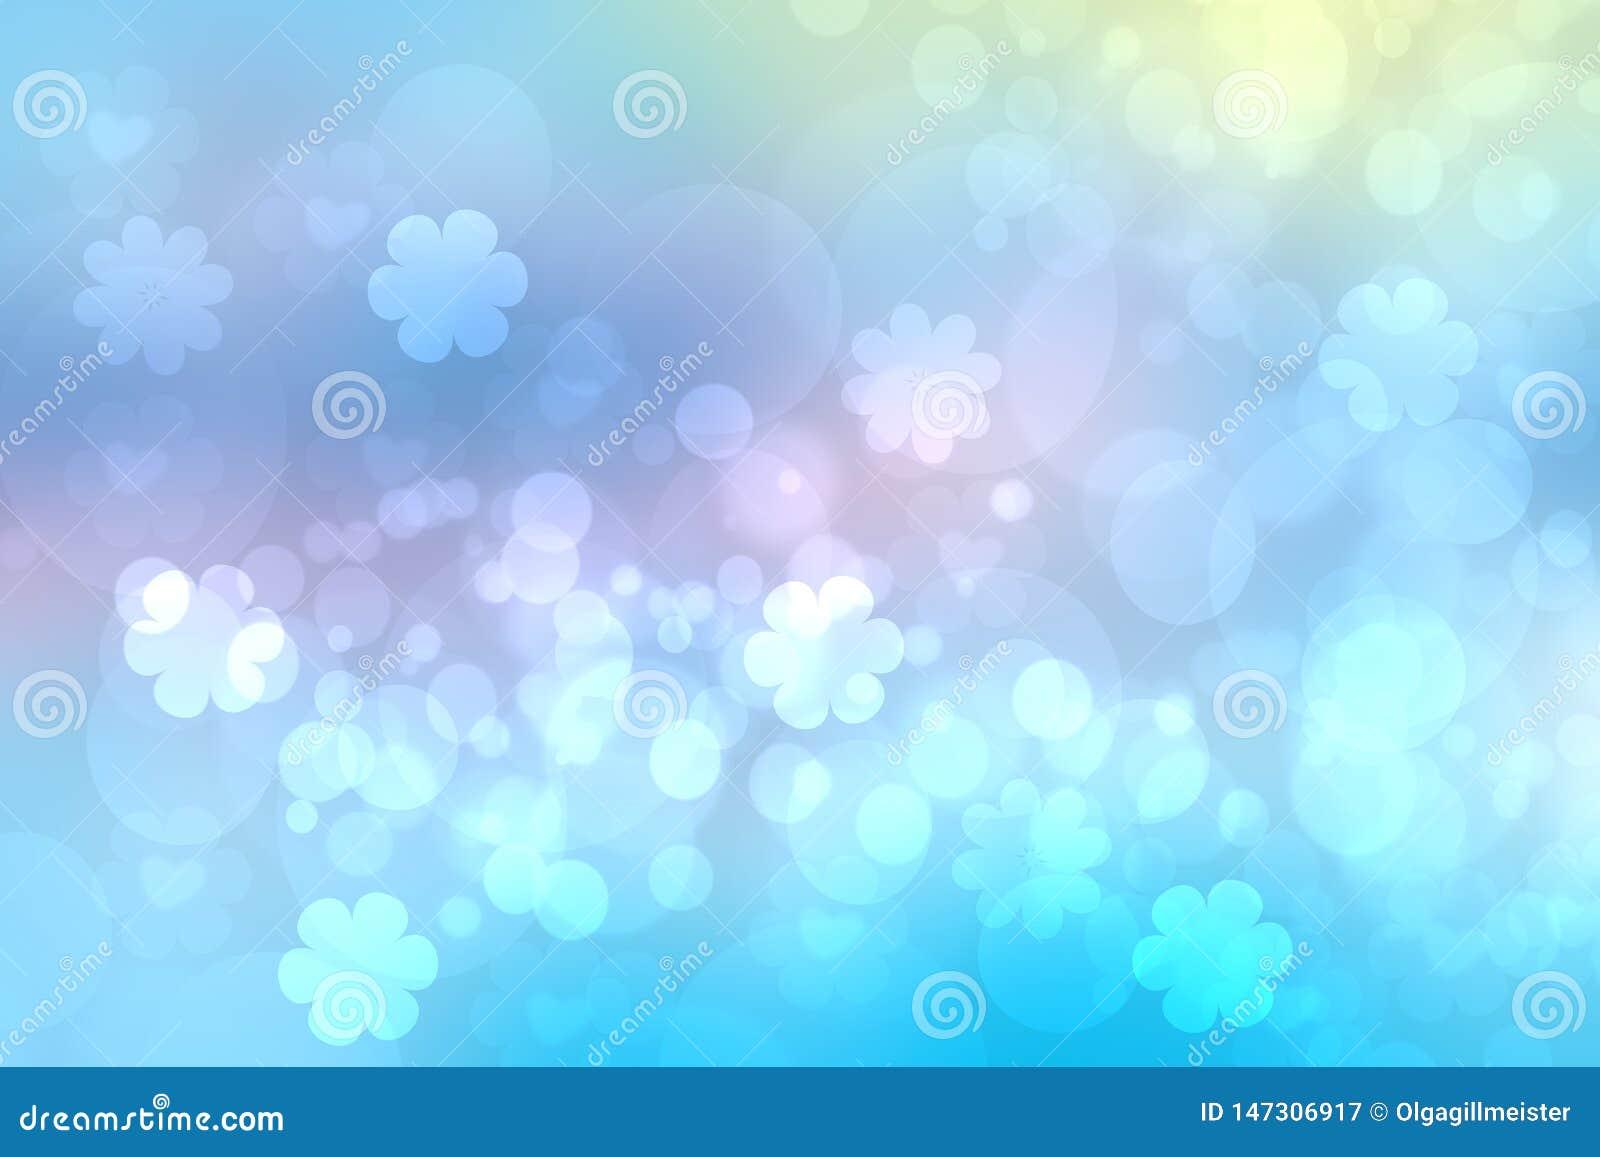 Textura rosada azul en colores pastel delicada ligera borrosa extracto del fondo del bokeh del verano vivo de la primavera con la